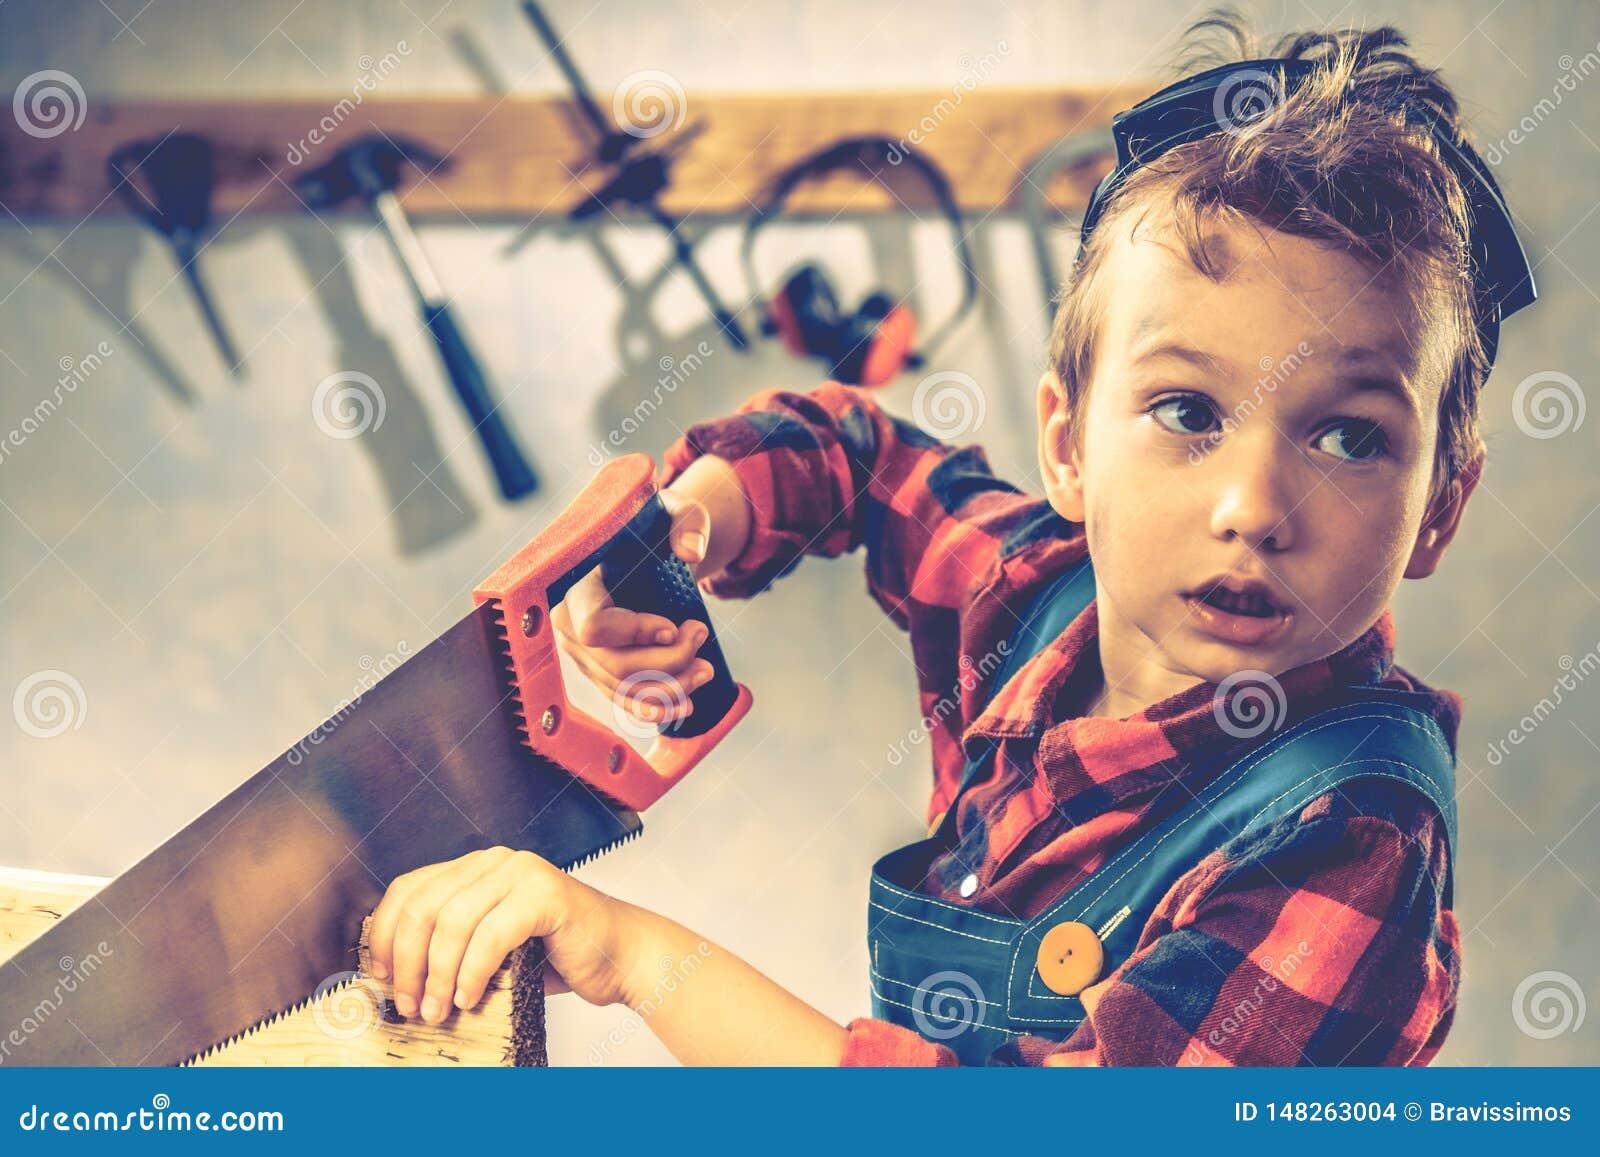 儿童父亲节概念,木匠工具,男孩孩子